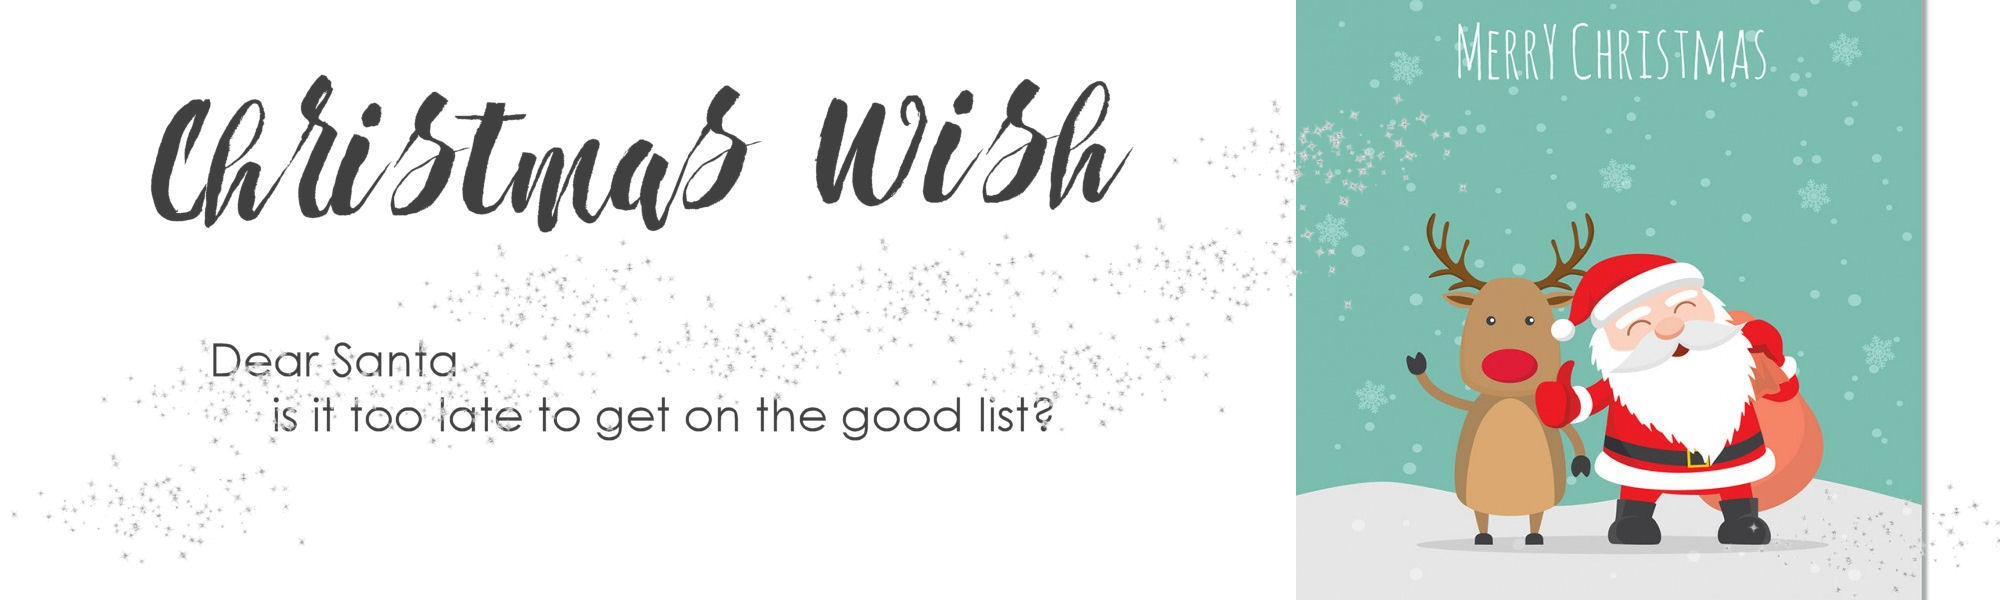 gocut-and-emboss-christmas-wish